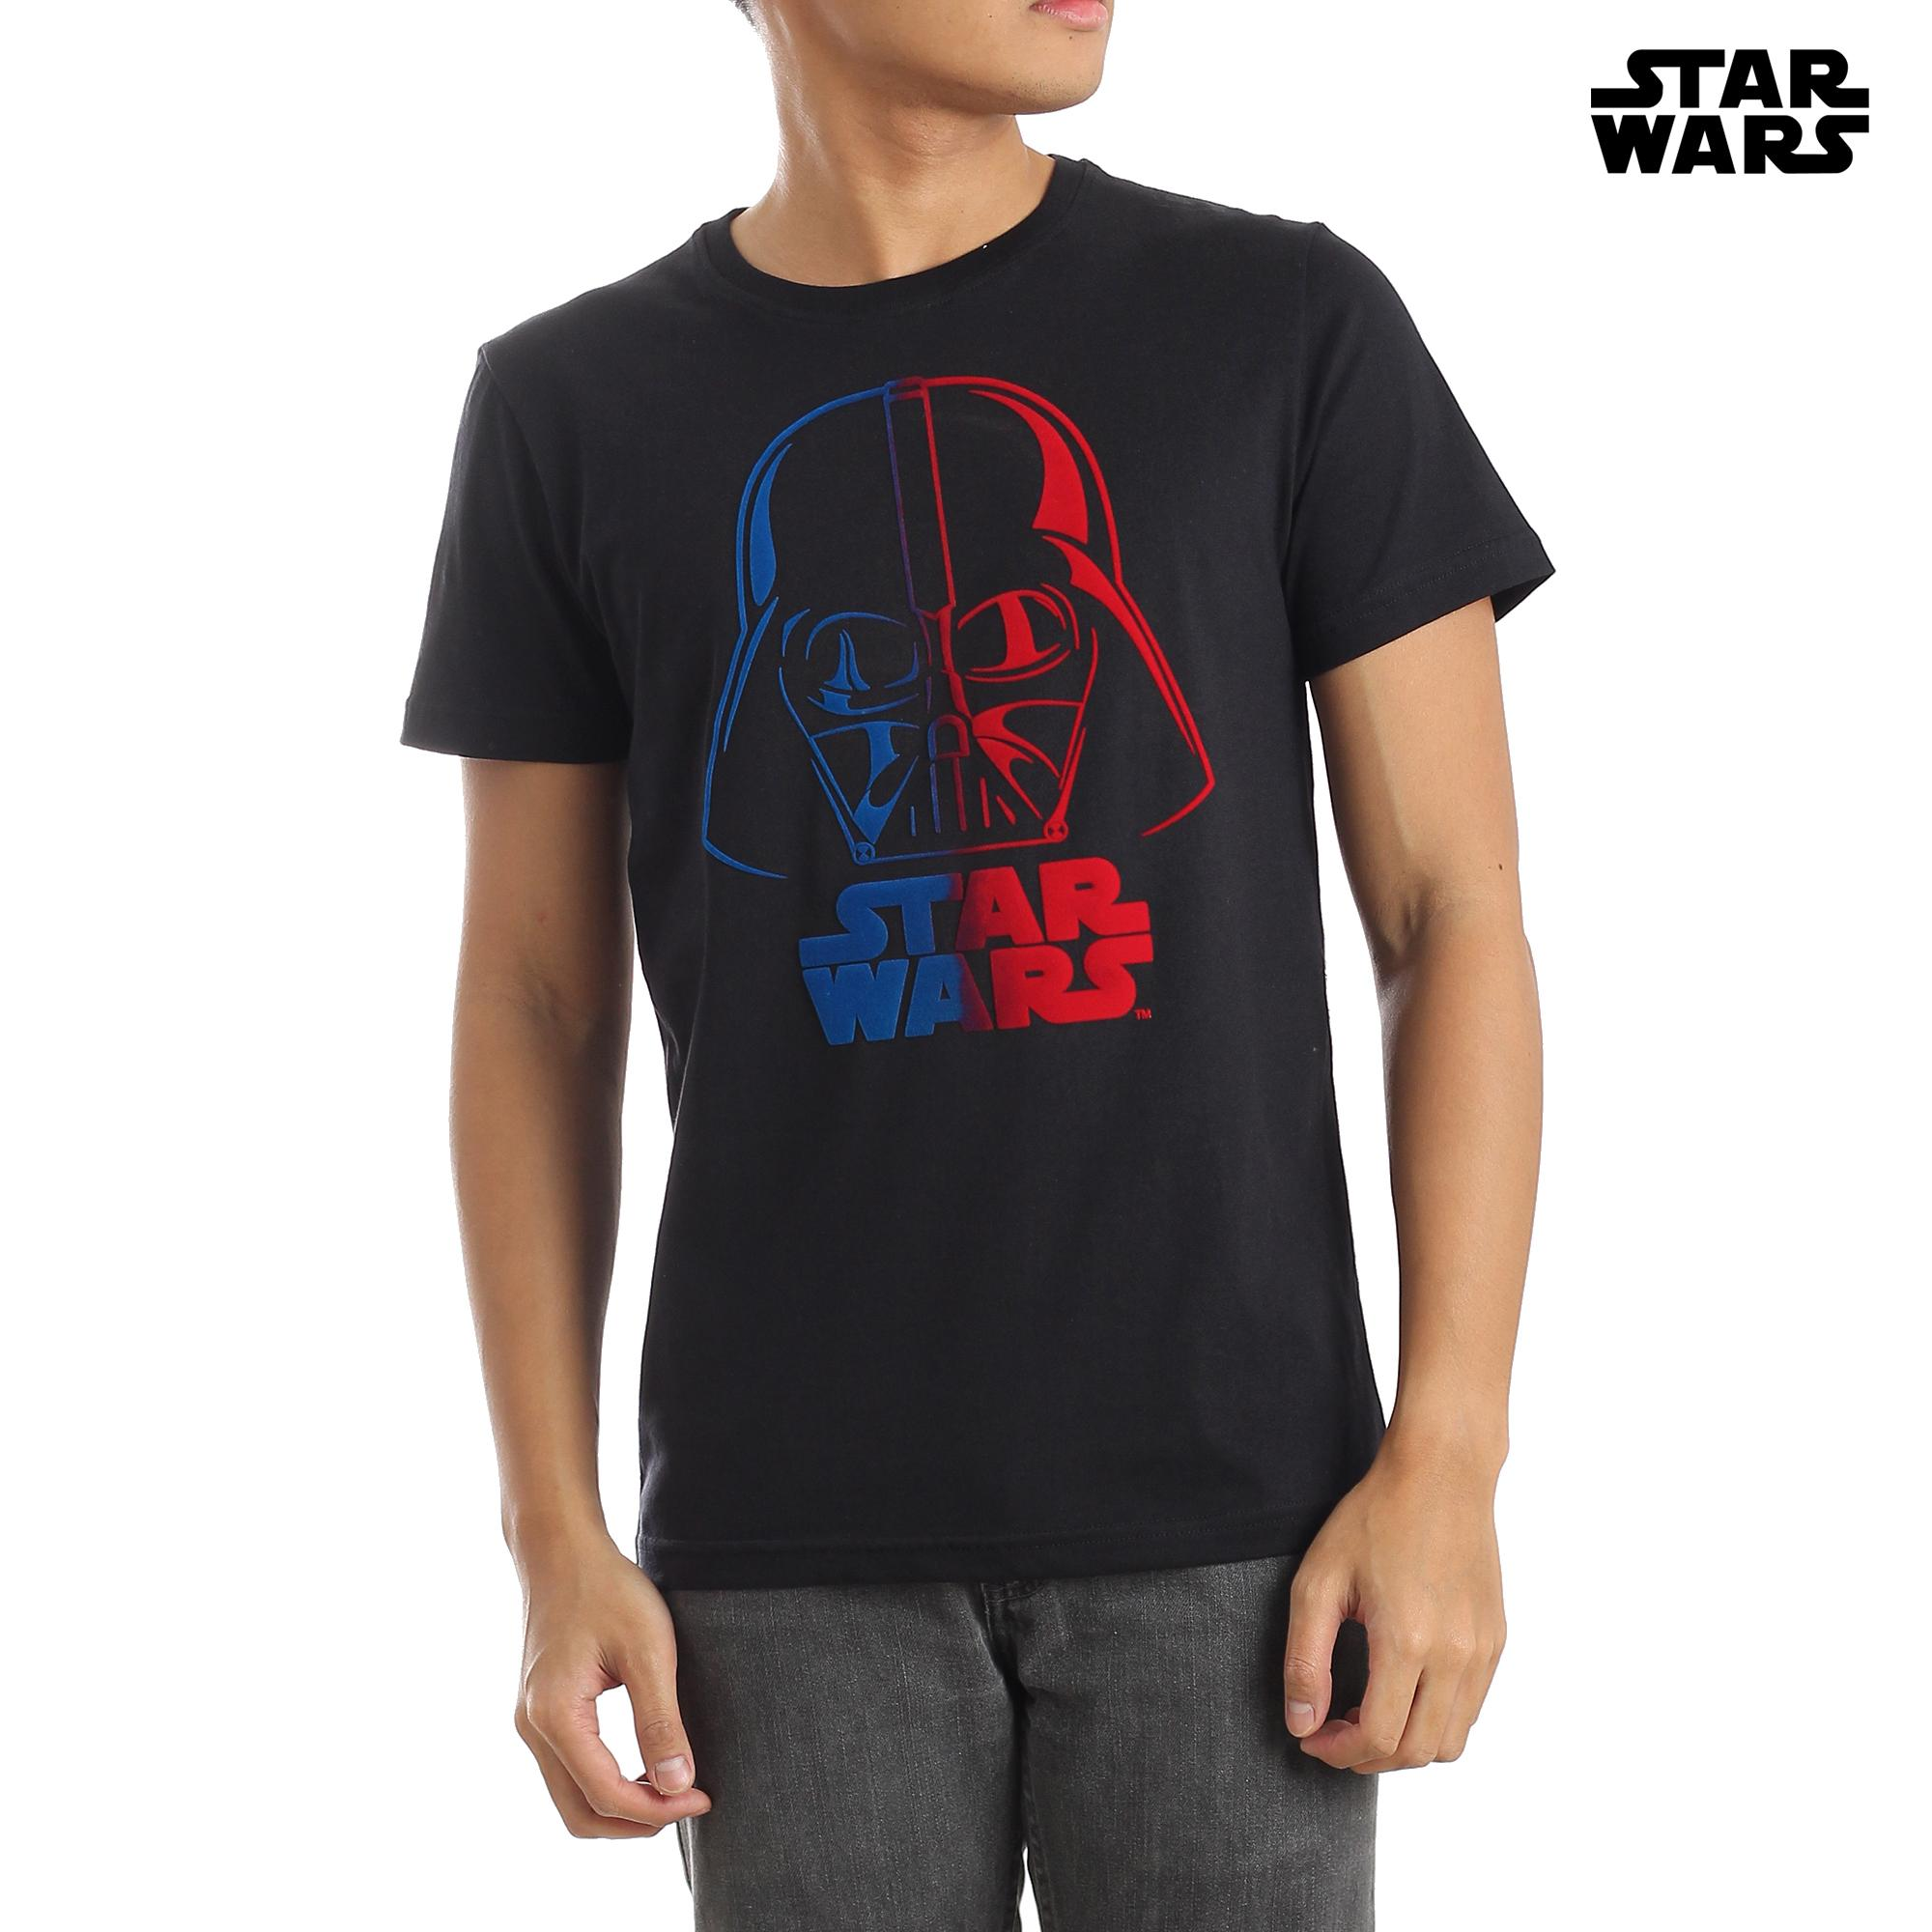 star wars t shirt philippines